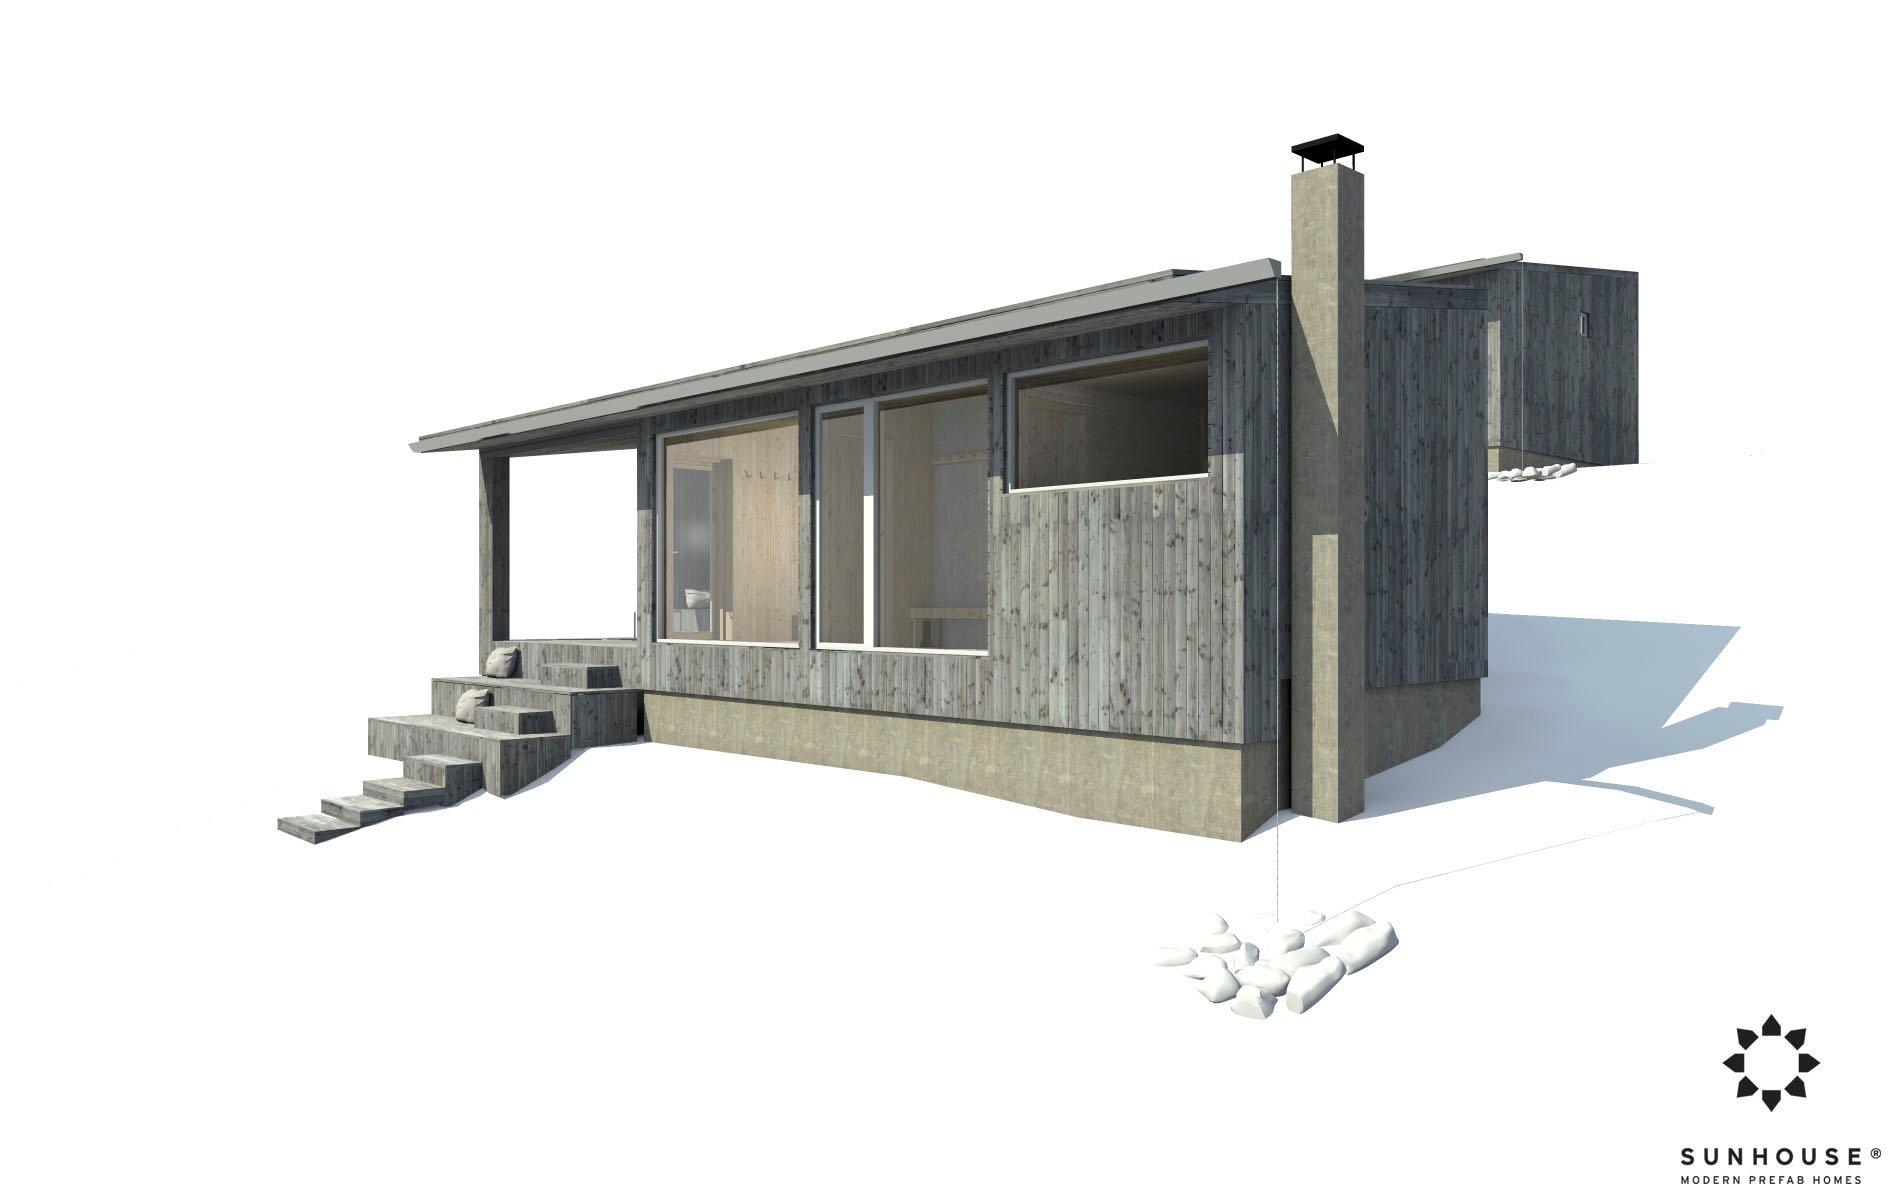 Sunhouse moderni sauna S1722_ulkoa (5)